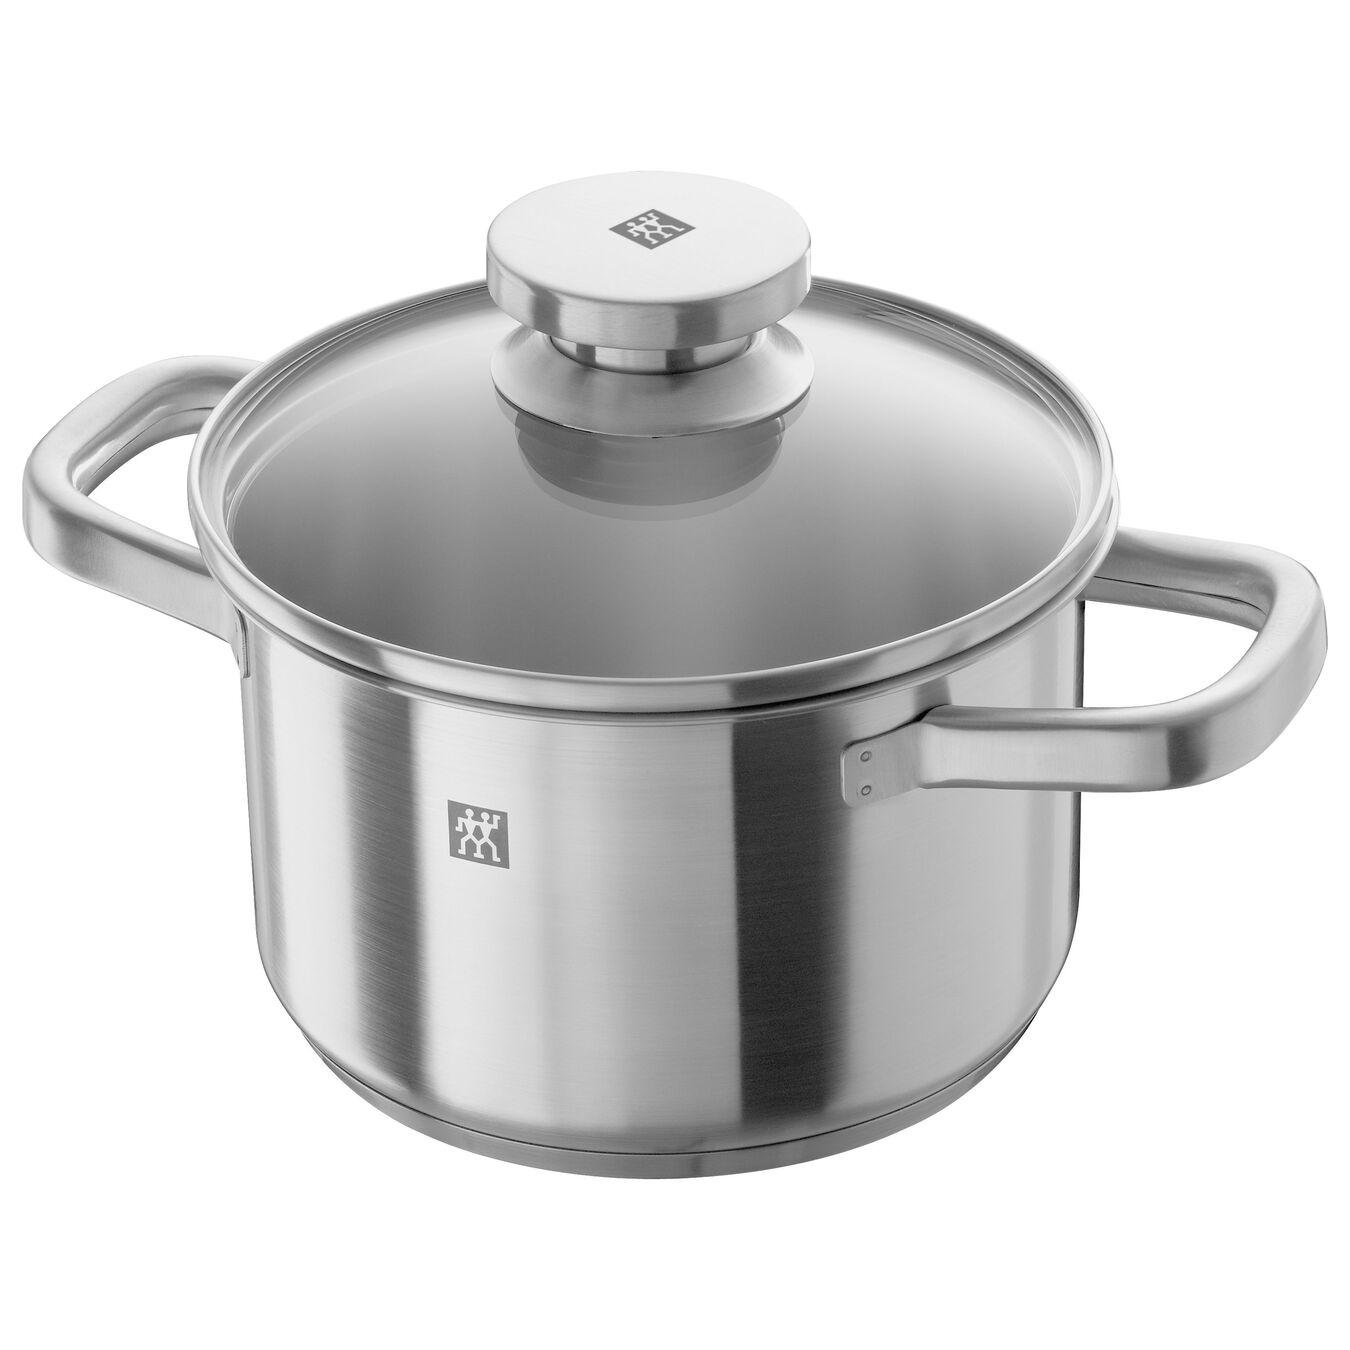 Ensemble de casseroles 4-pcs, Inox 18/10,,large 6